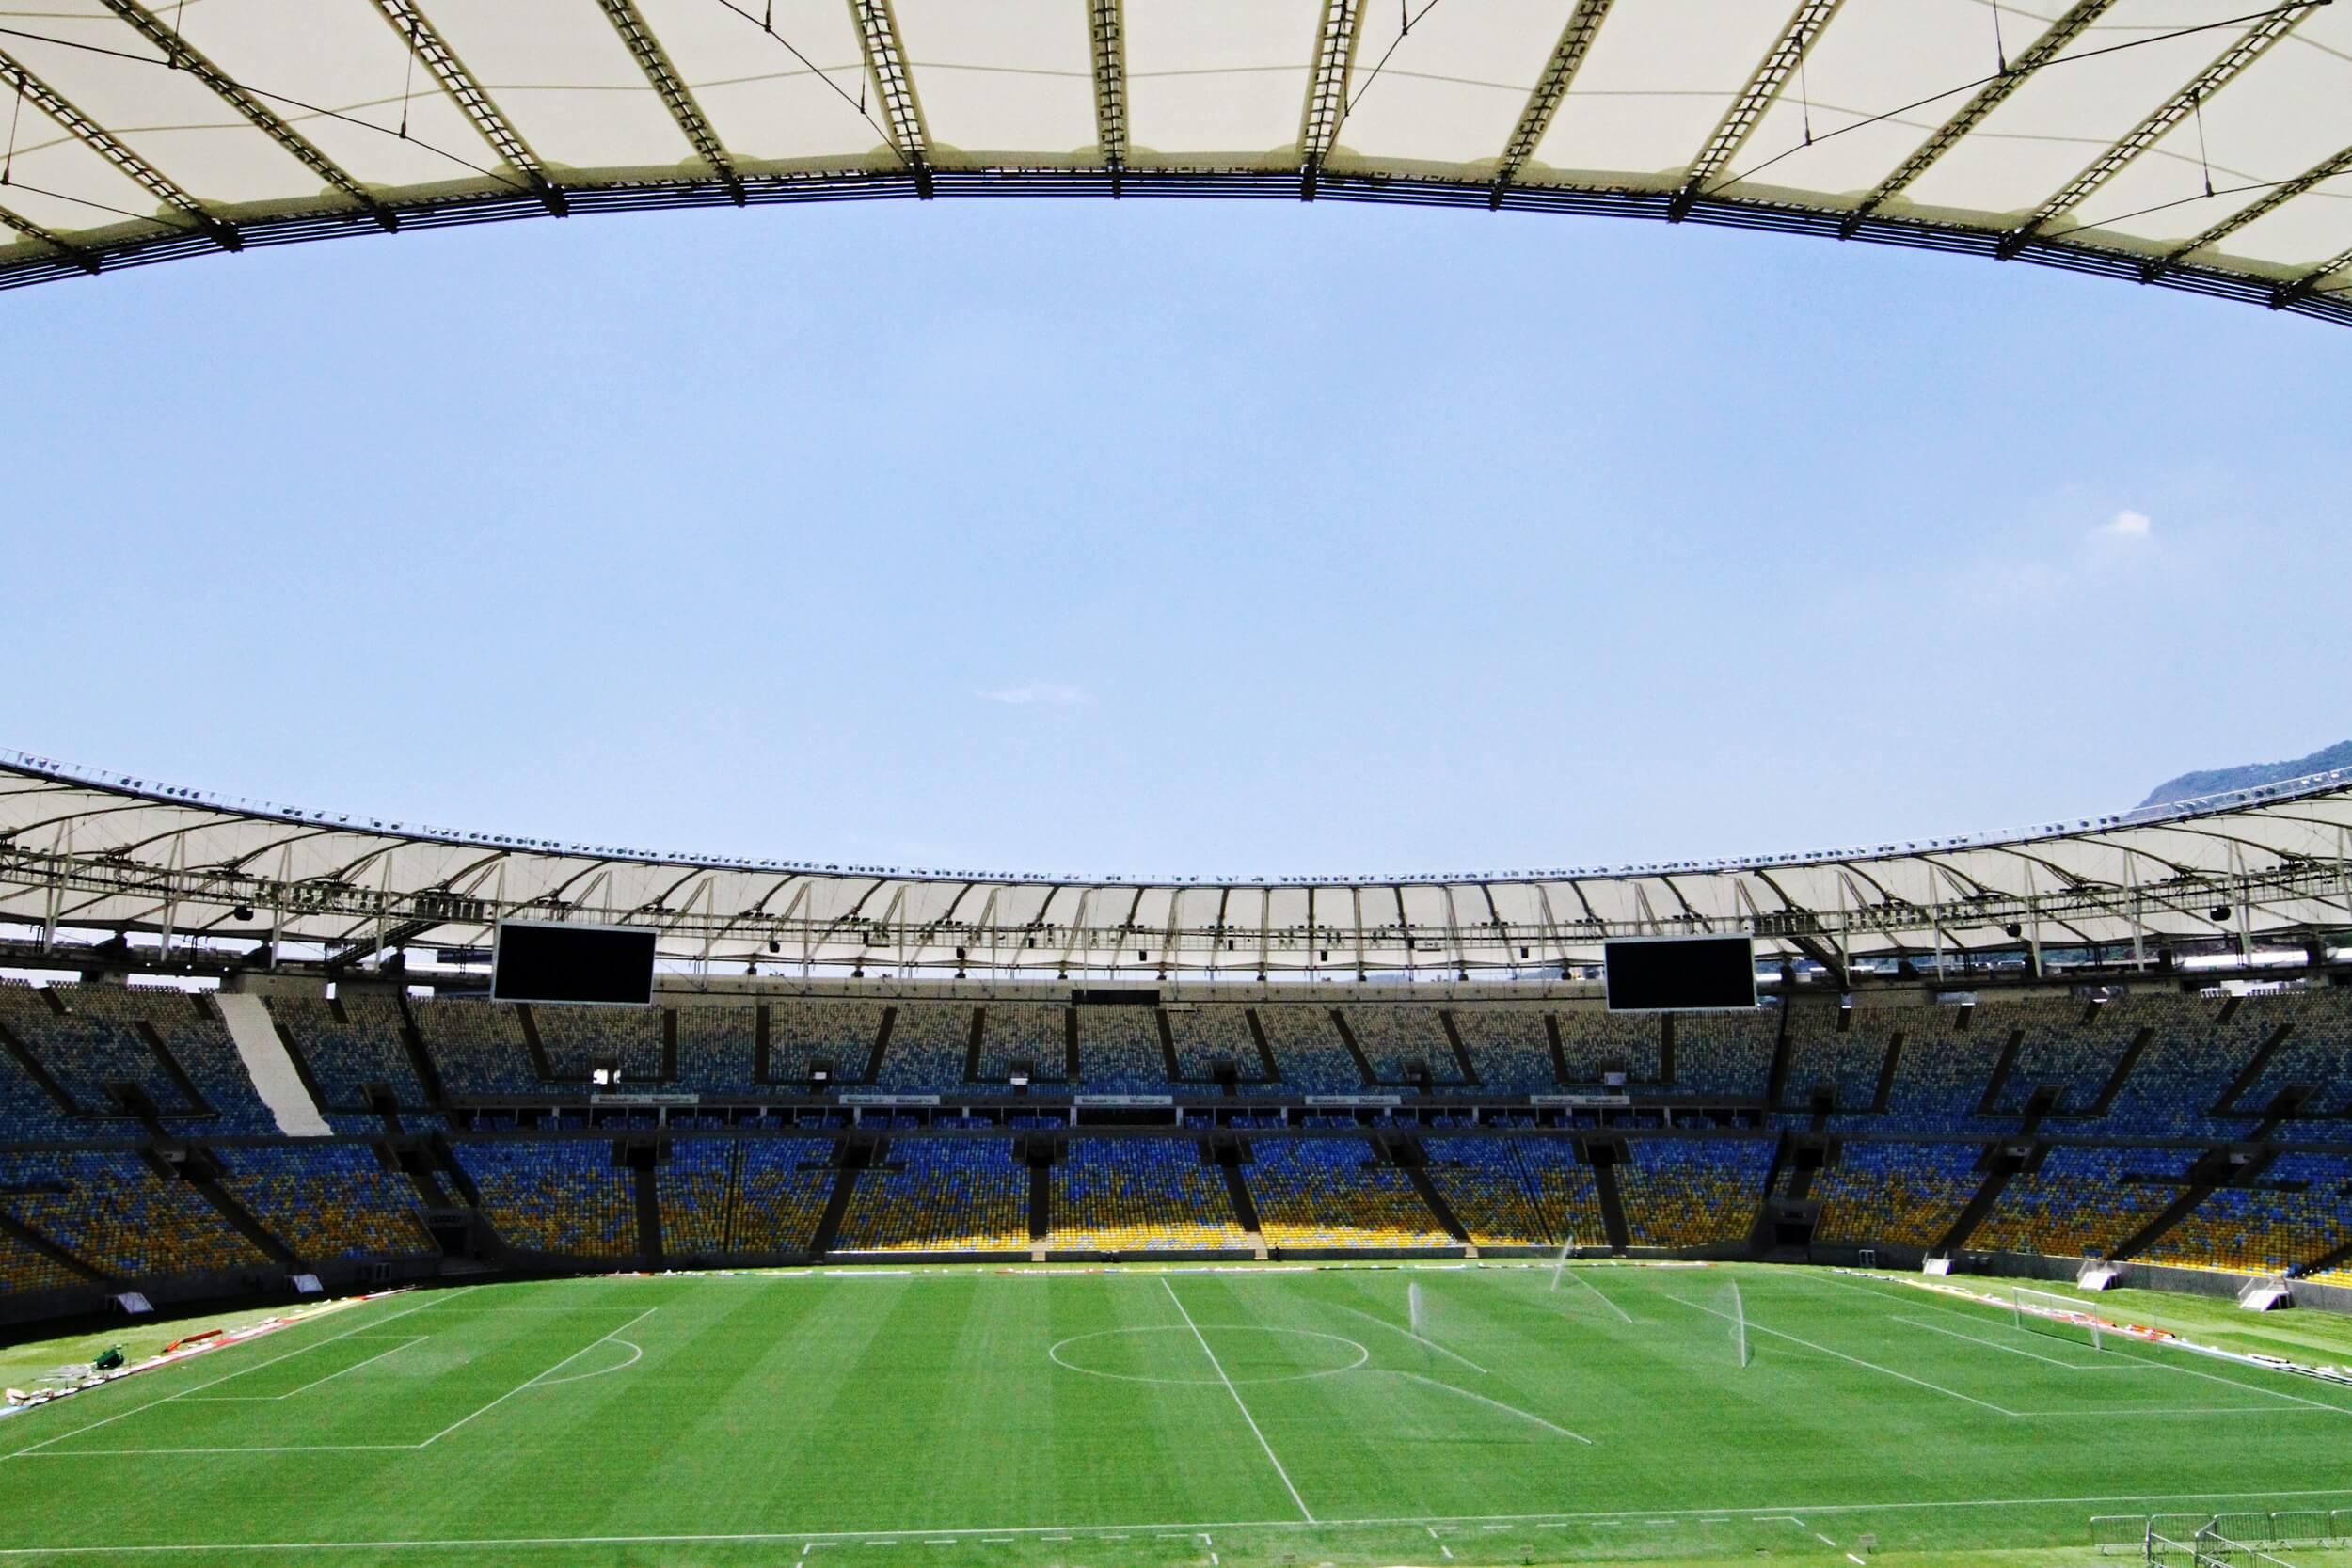 Stade du Maracanã (Photo: Paulino Menezes / Portail de la Coupe du monde / ME, via des photos publiques)